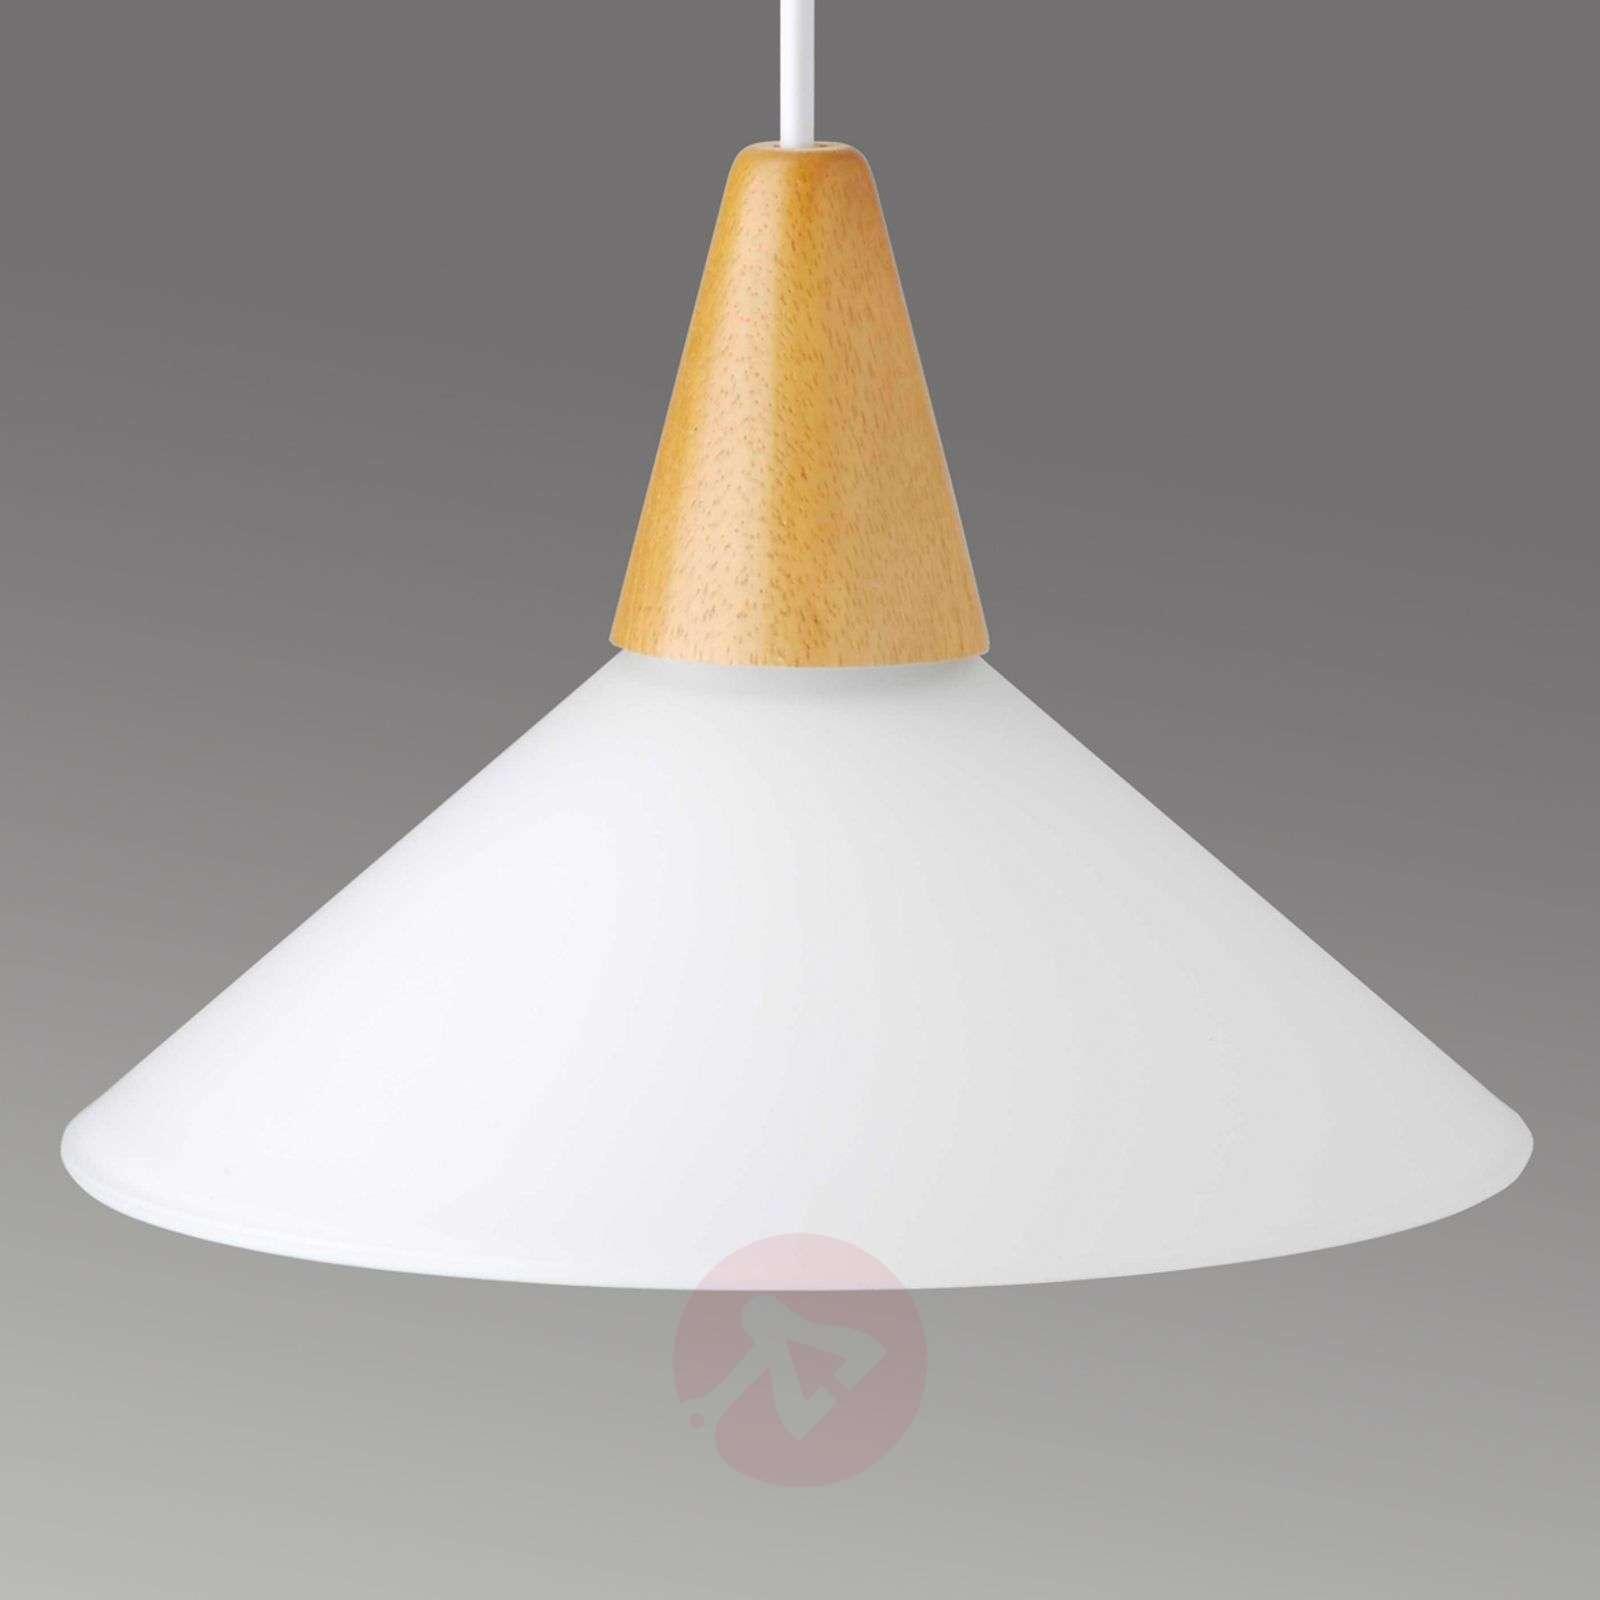 Puristinen Pastell-riippuvalaisin-1508224-02